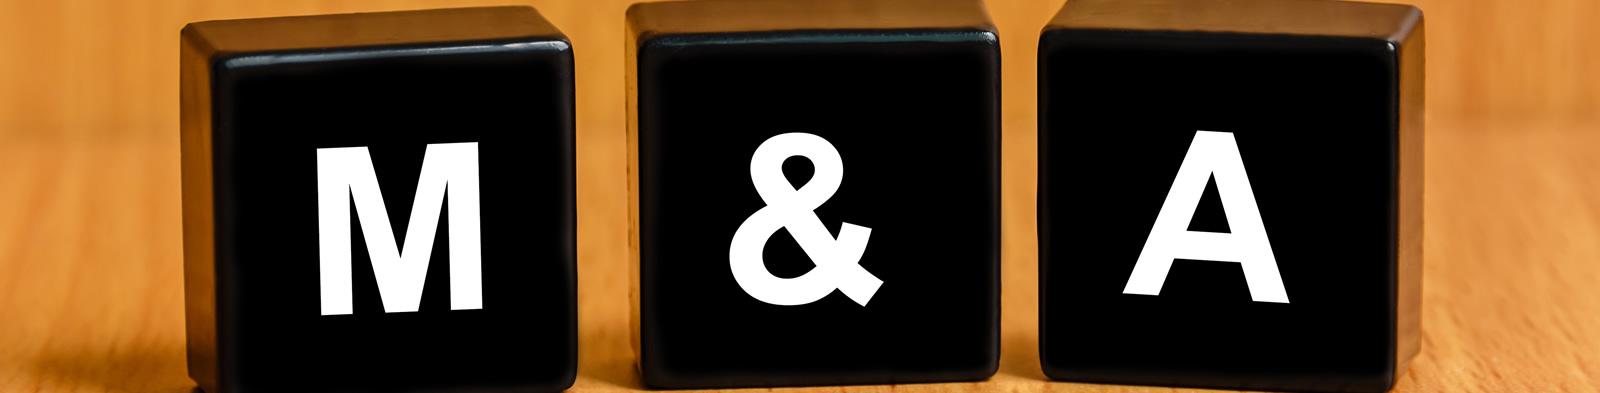 M & A dice